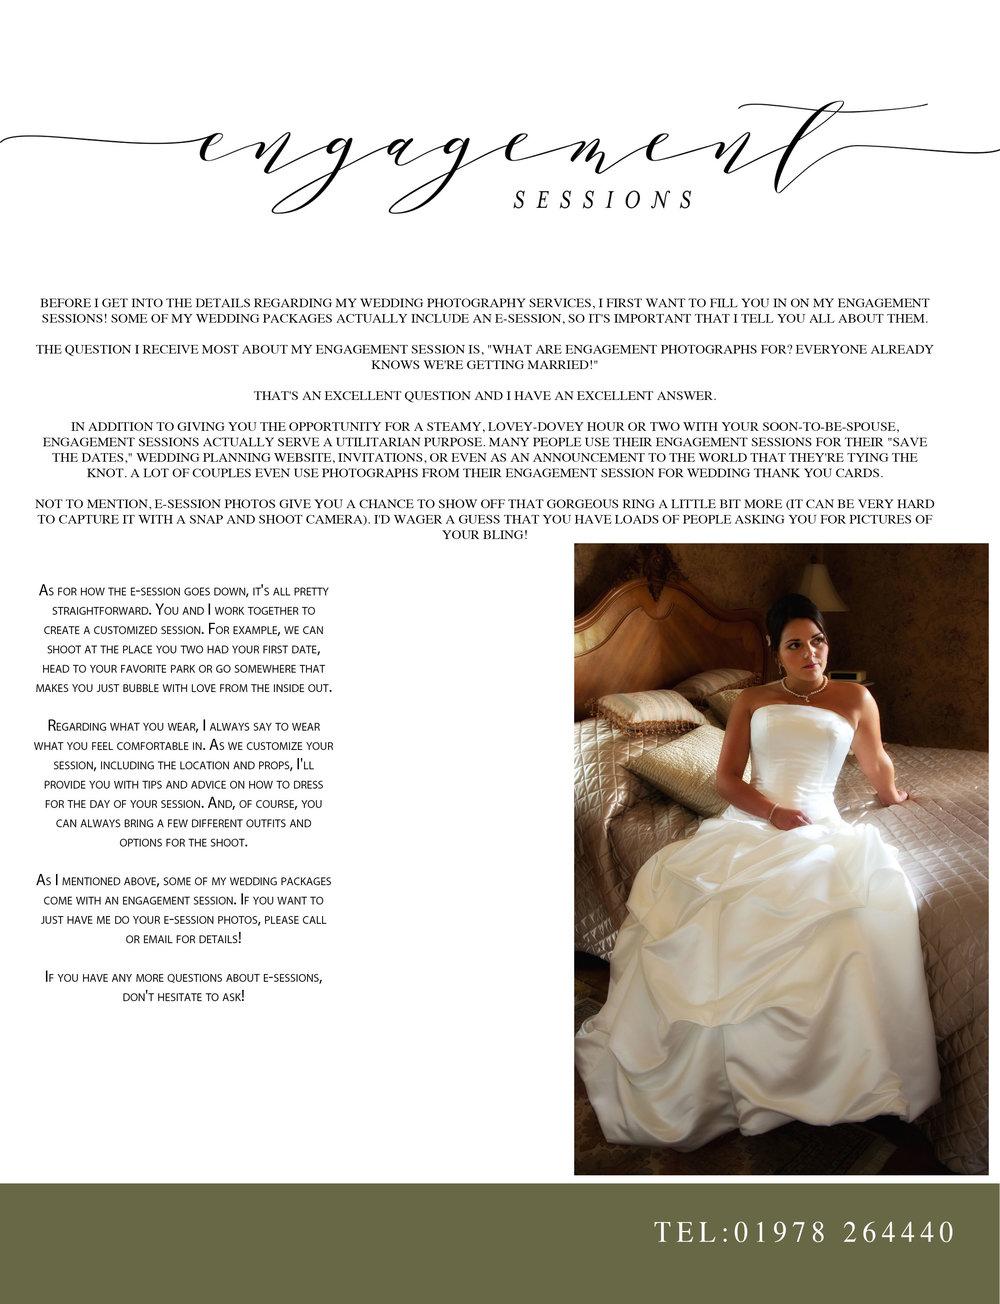 7 - BP4U - Wedding Client Guide - PG 12.jpg